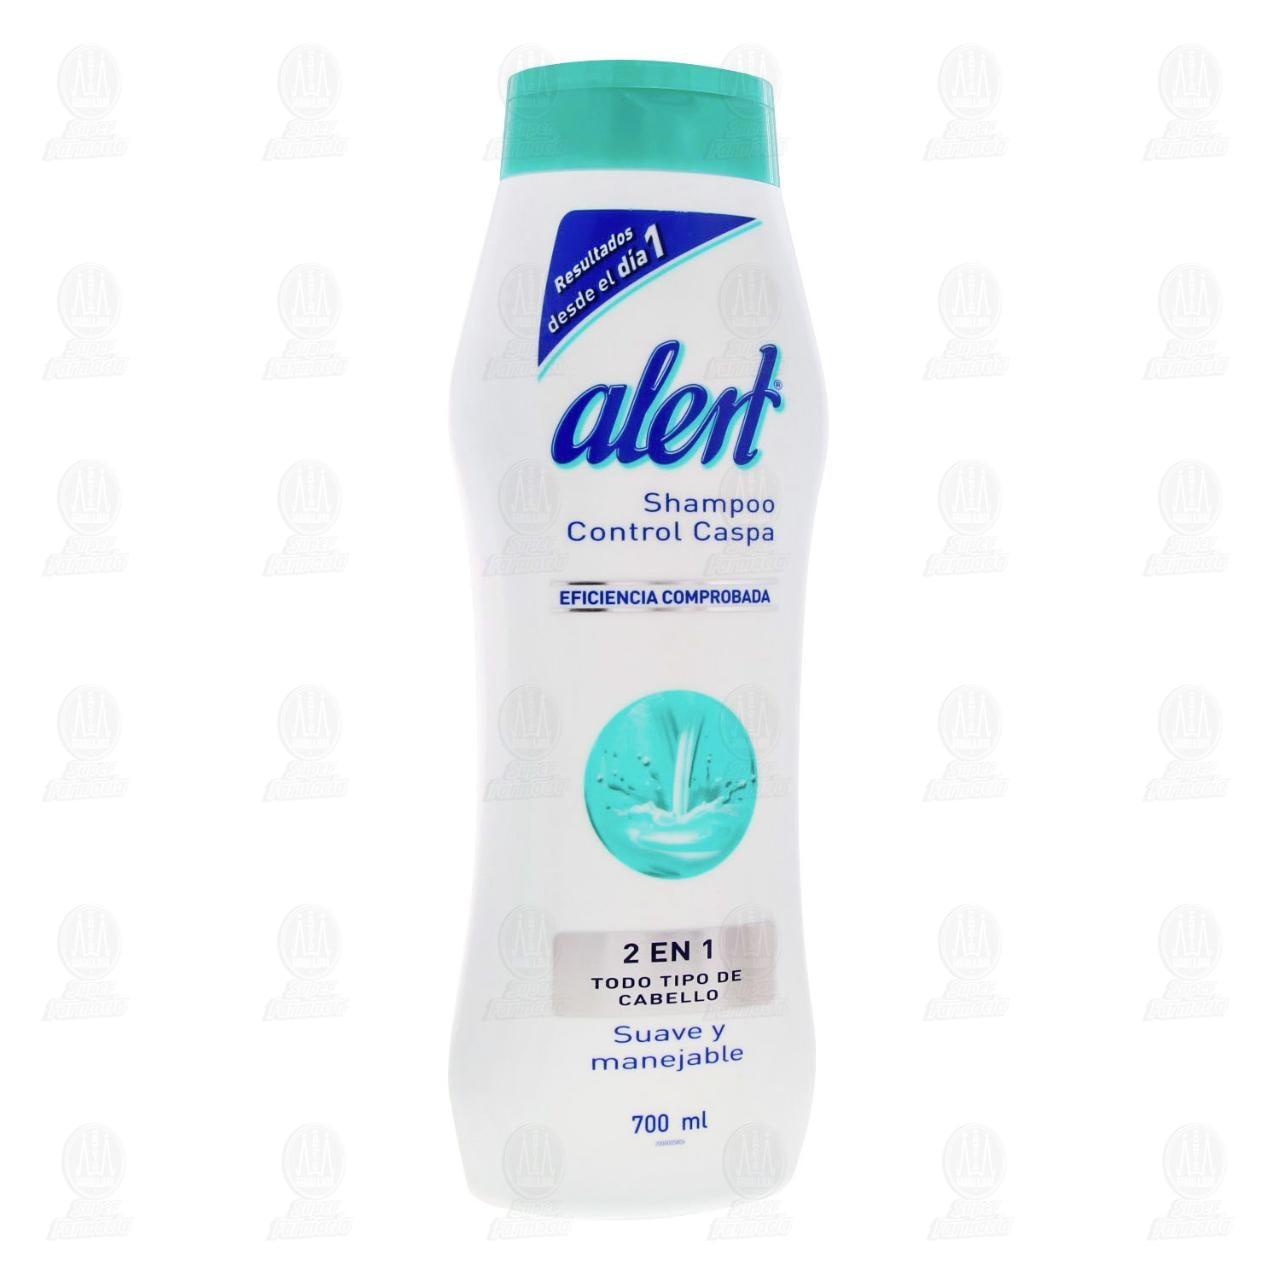 Comprar Shampoo Alert Control Caspa 2 en 1 para Todo Tipo de Cabello, 700 ml. en Farmacias Guadalajara